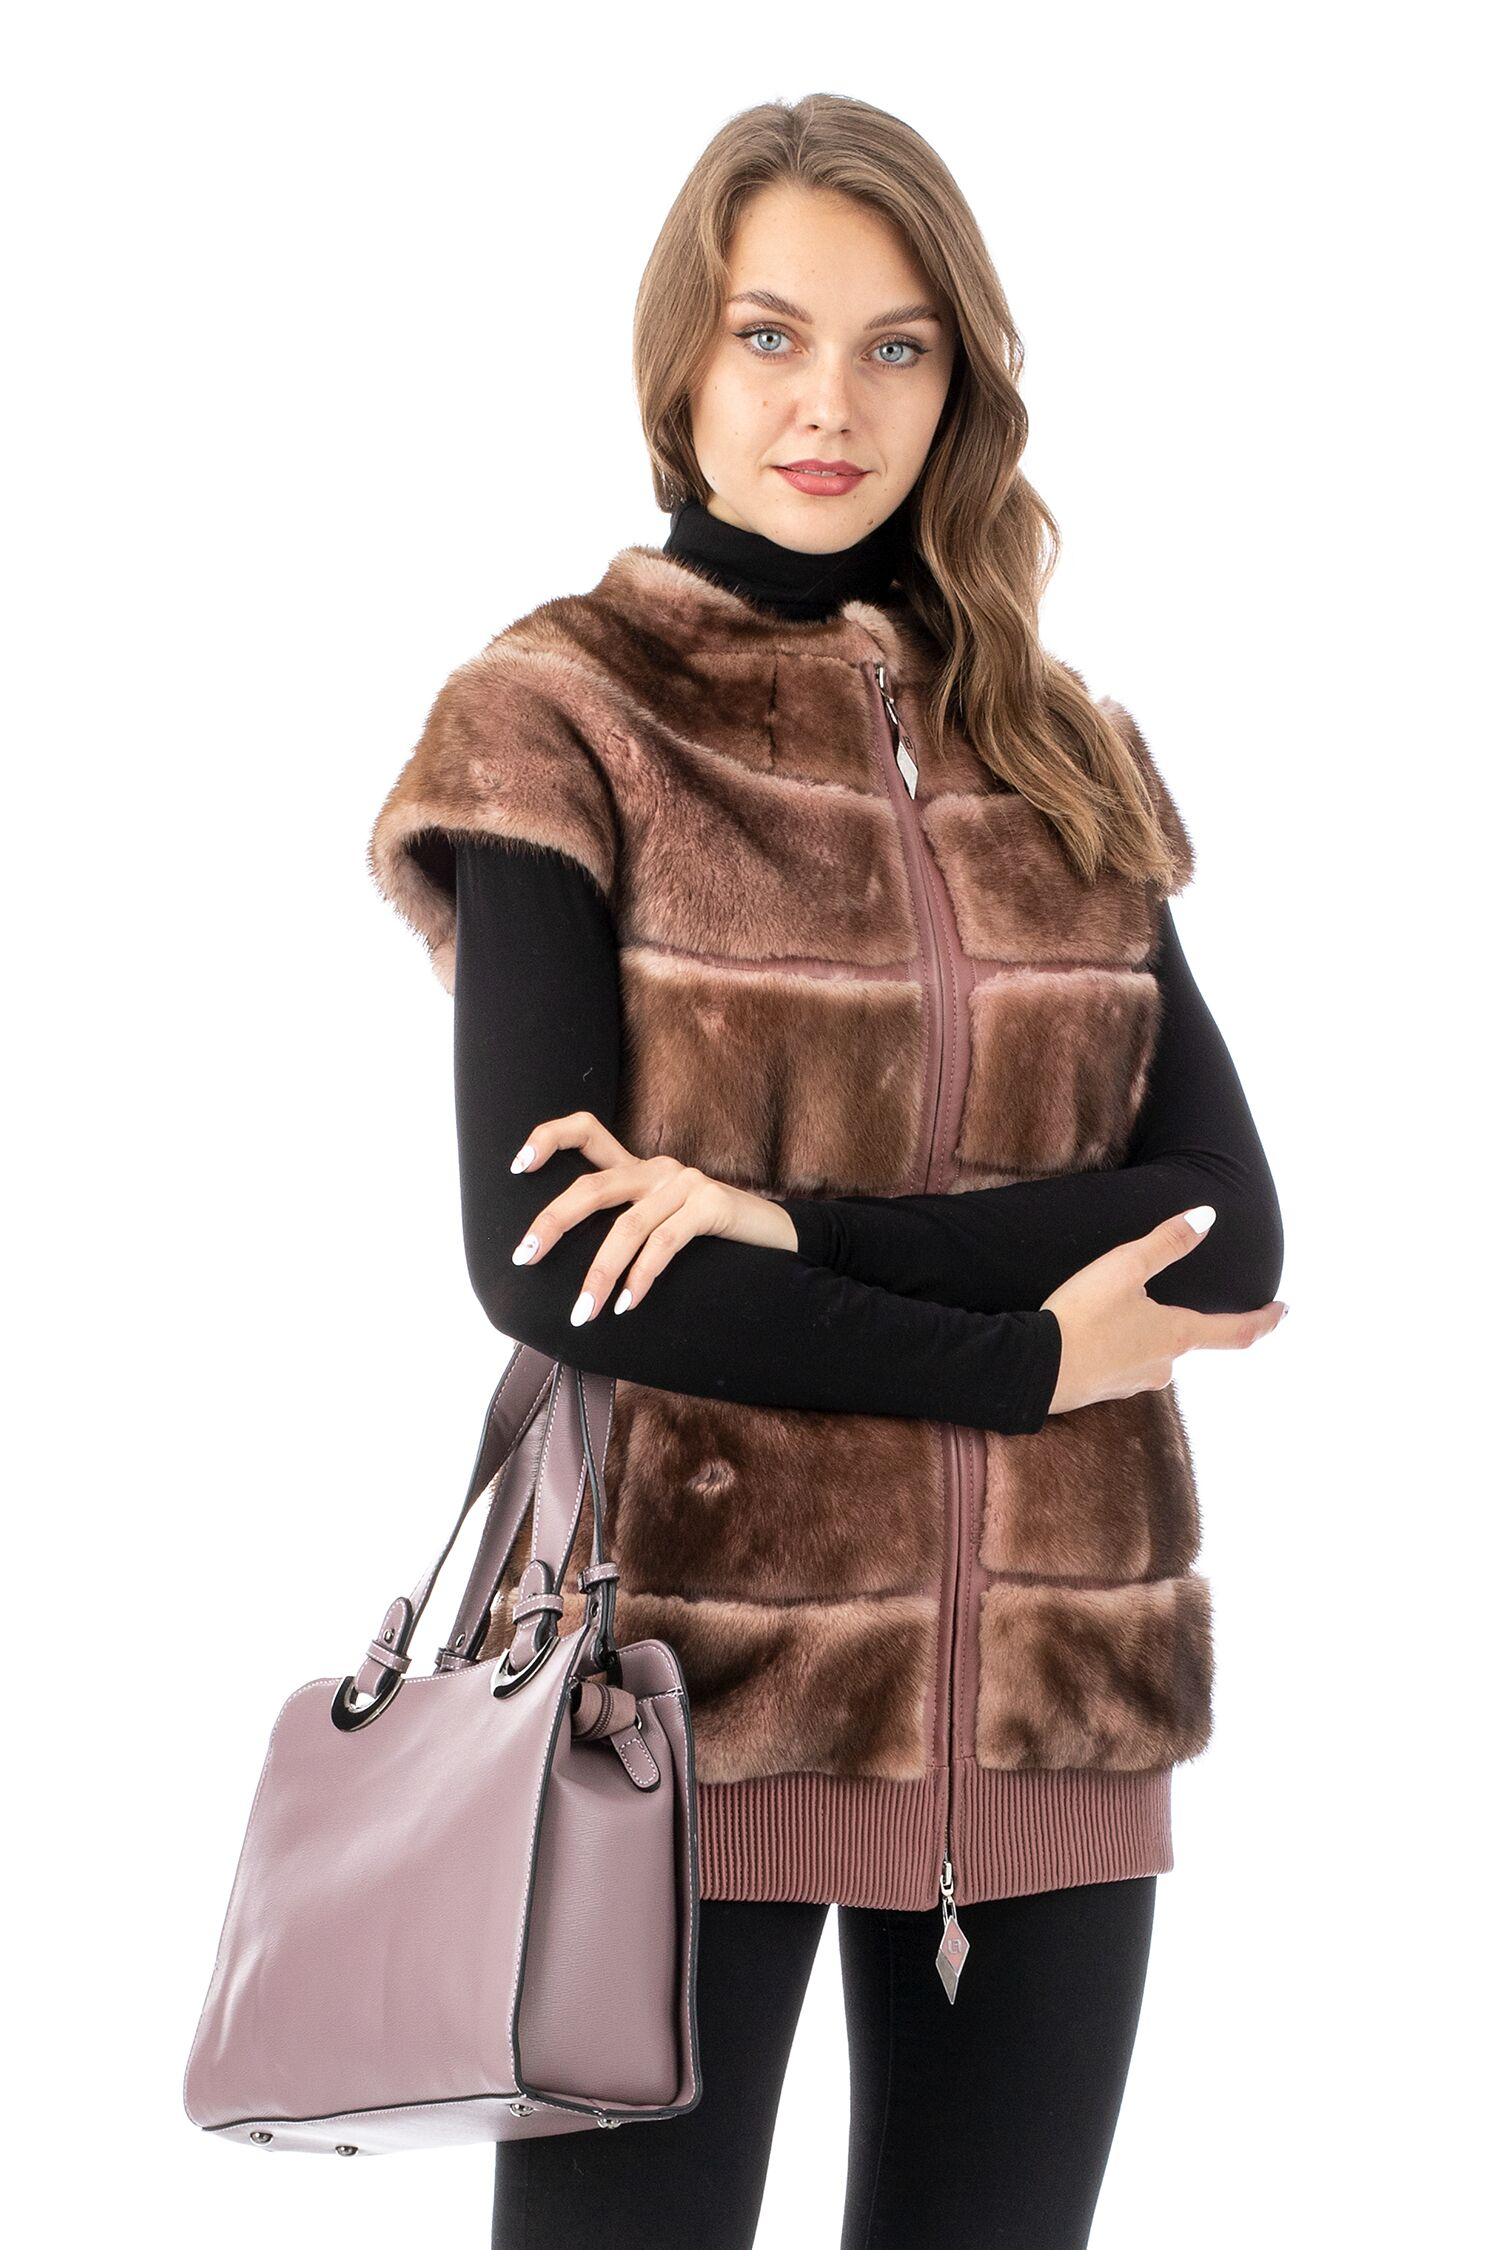 Женская кожаная жилетка из натуральной кожи с воротником, отделка норка МОСМЕХА